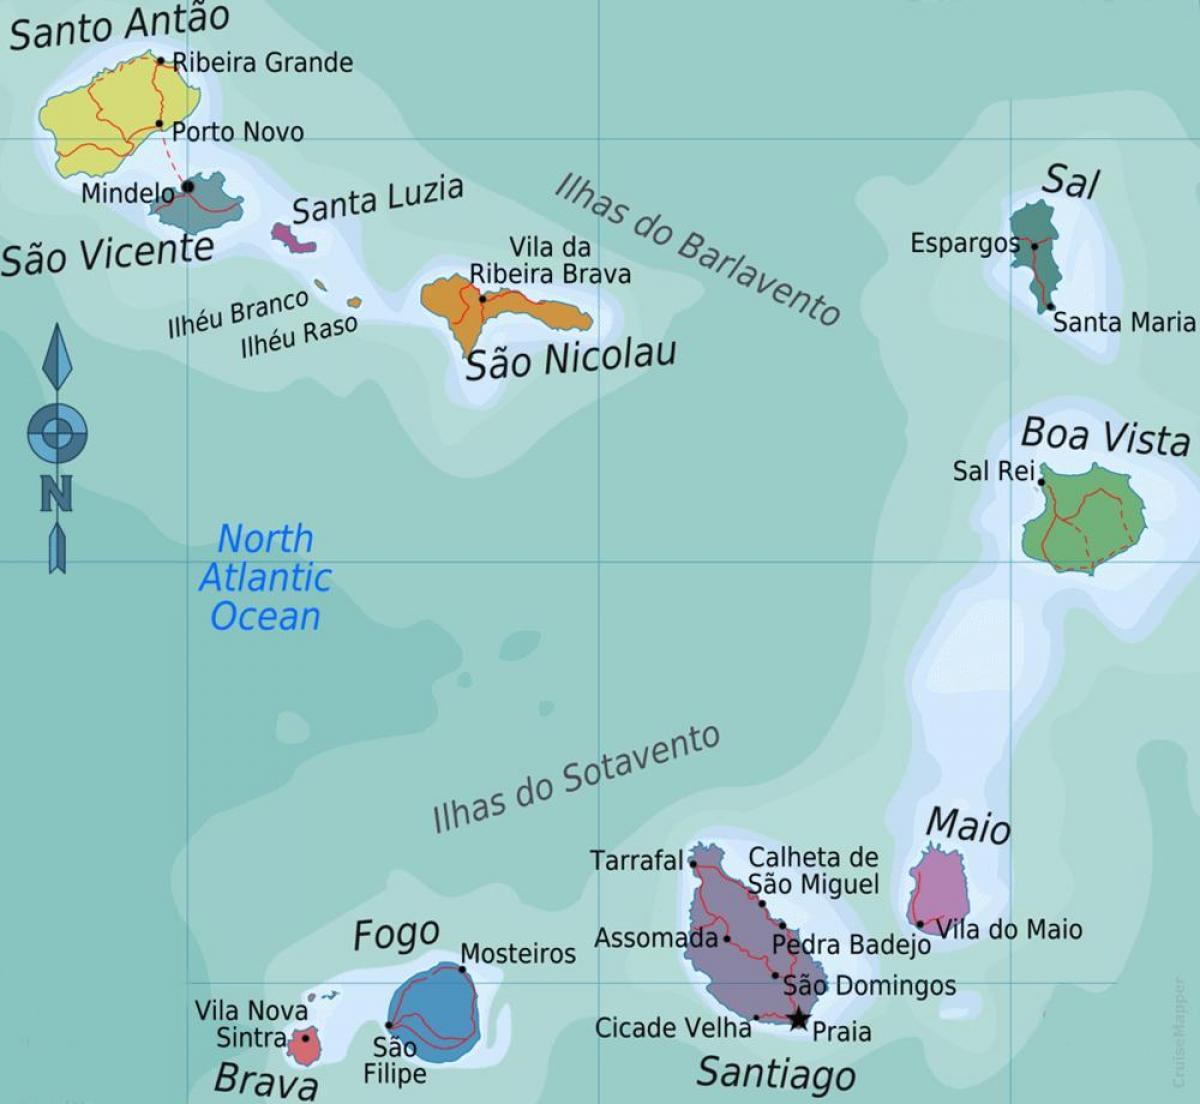 Kap Verden Saarilla Kartta Kap Verden Saaret Kartta Sijainti